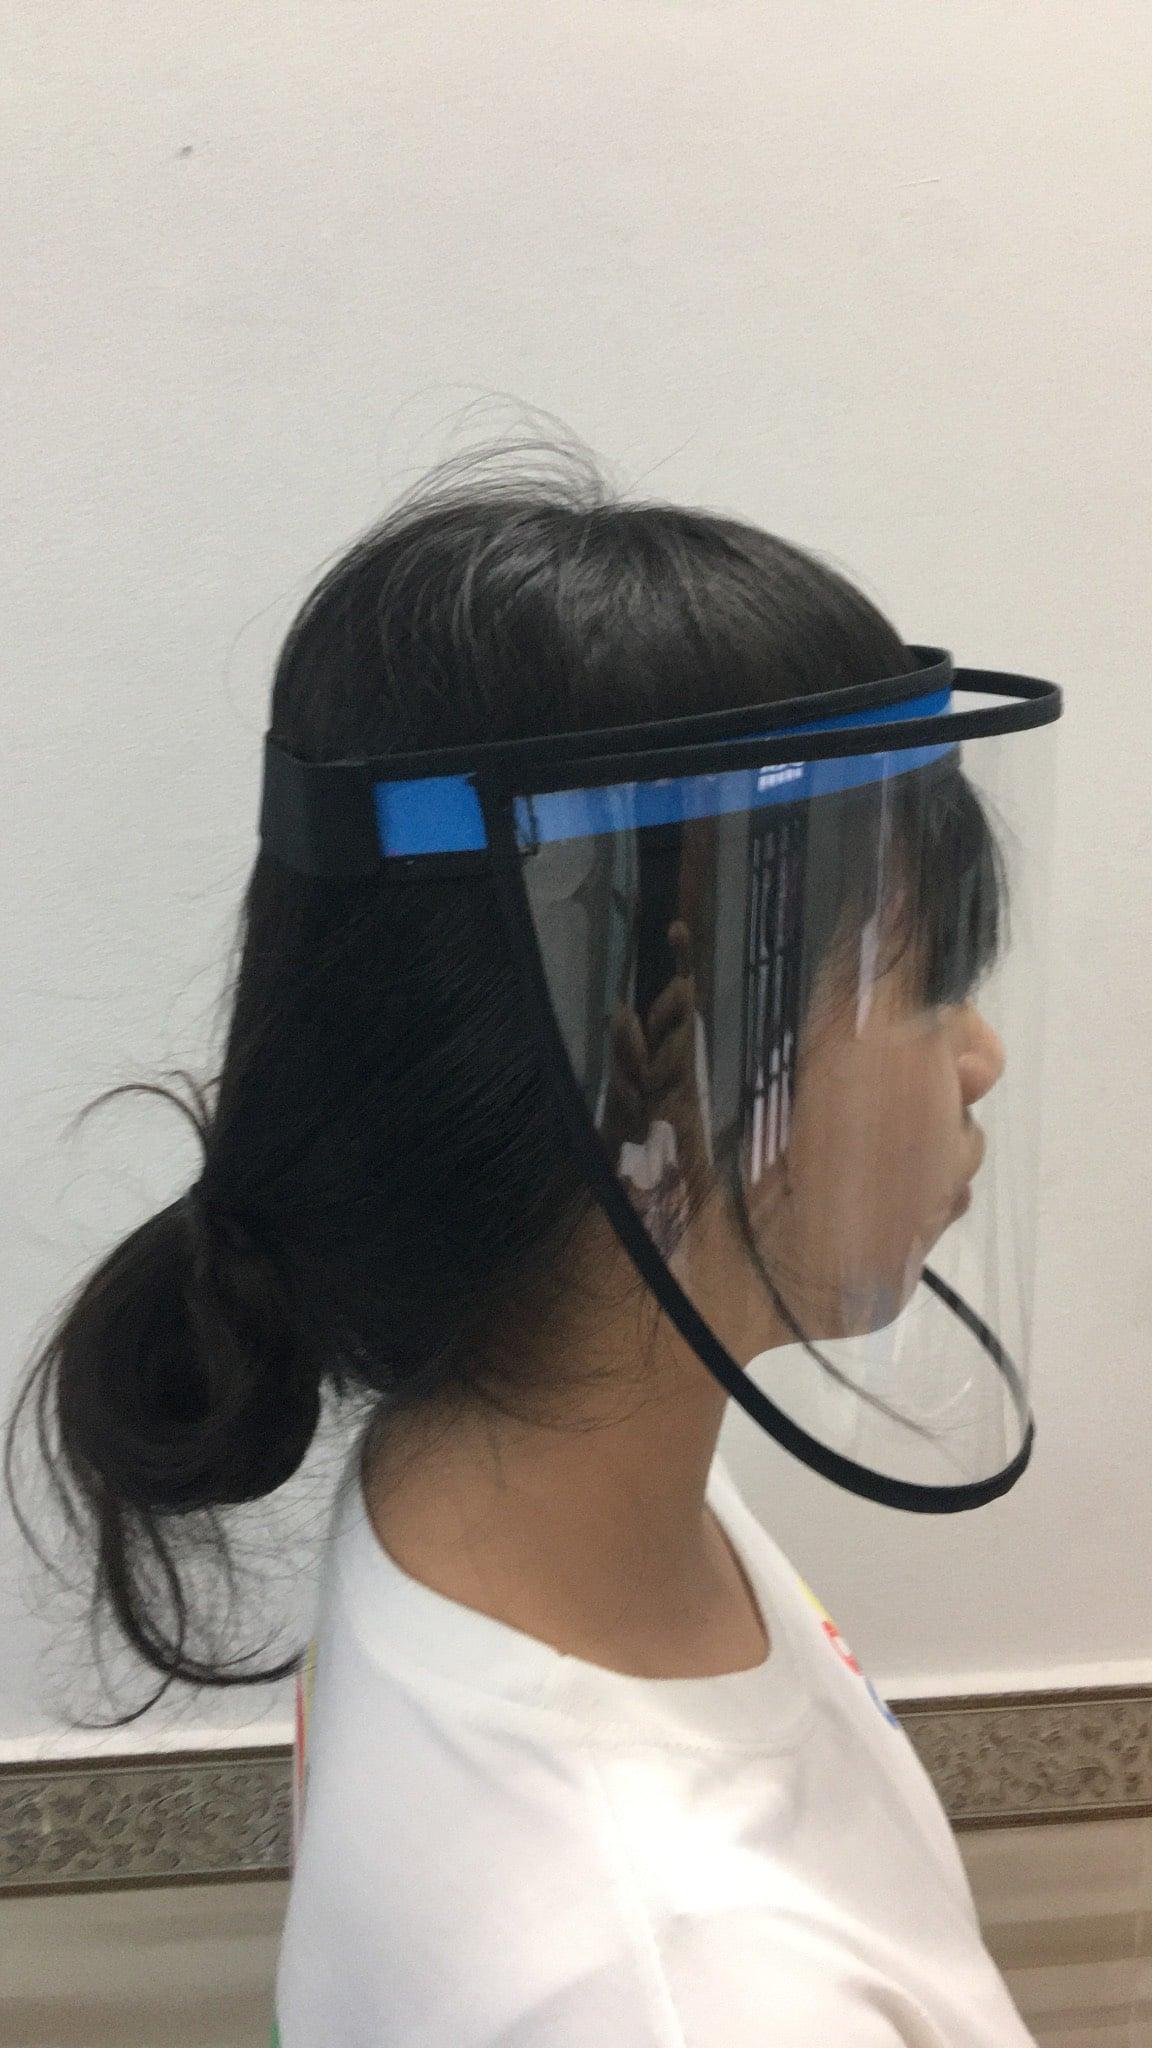 Face shield mẫu đơn giản dùng dây thun phía sau, gọn nhẹ không gây khó chịu cho người sử dụng